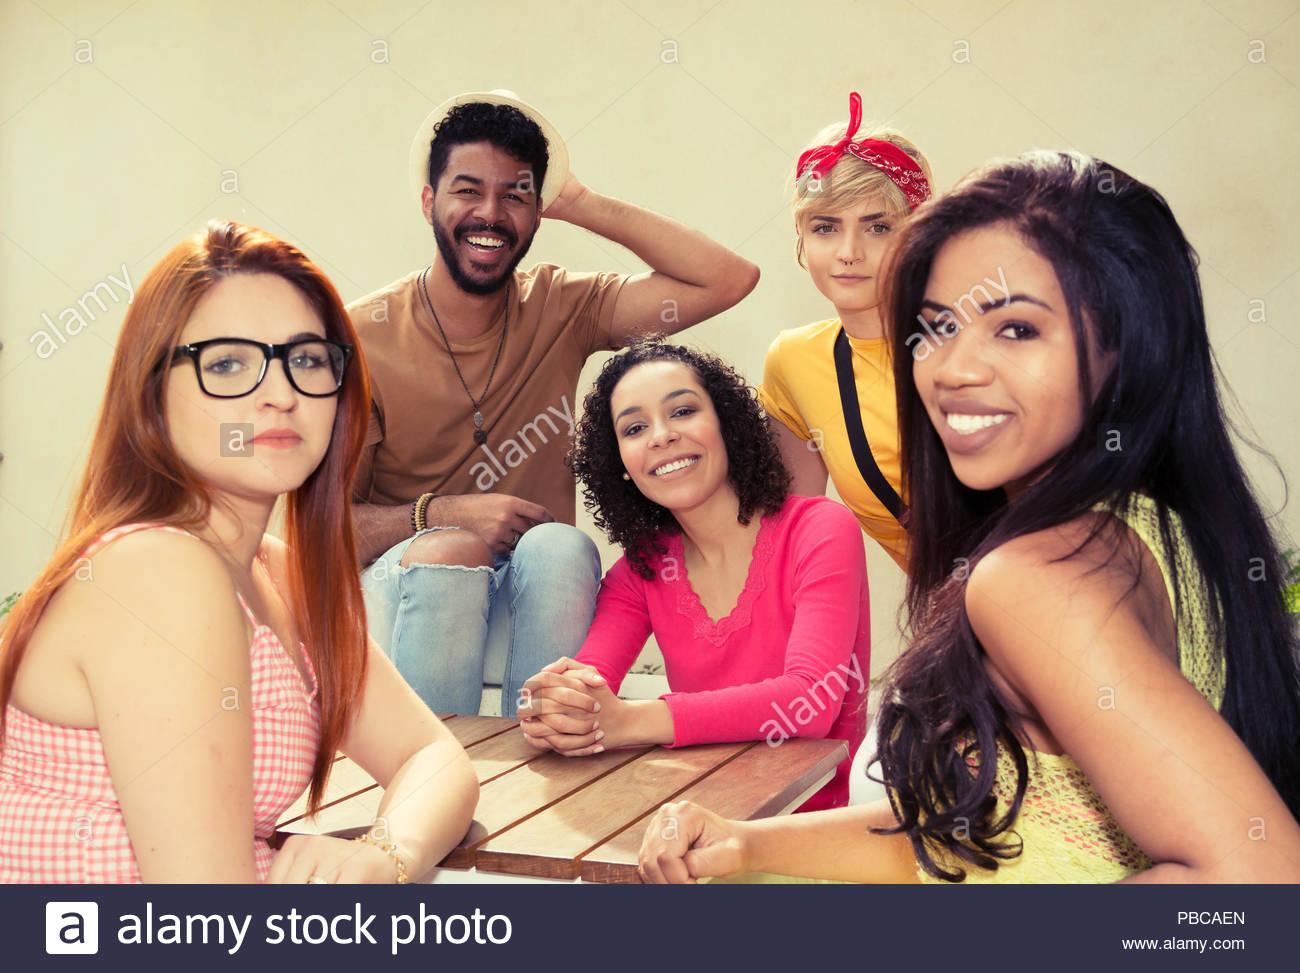 Porträt der jungen Erwachsenen eine großartige Zeit im Cafe Bar im Freien. Multikulturelle Schüler Kleben im Restaurant draussen. Sommer, warme, Freundschaft, Tauchen Stockbild